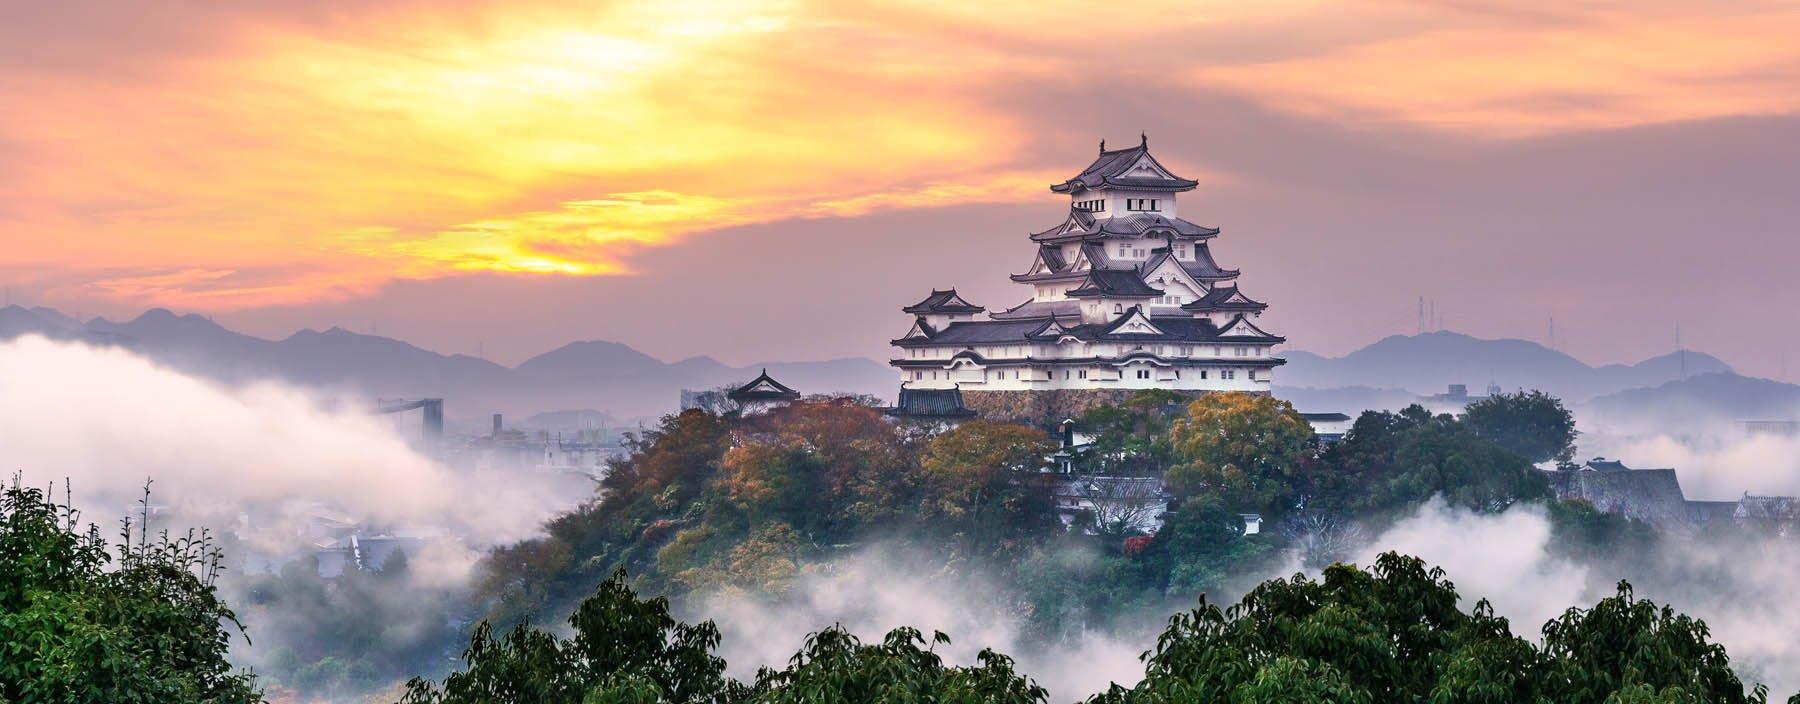 jp, himeji kasteel.jpg